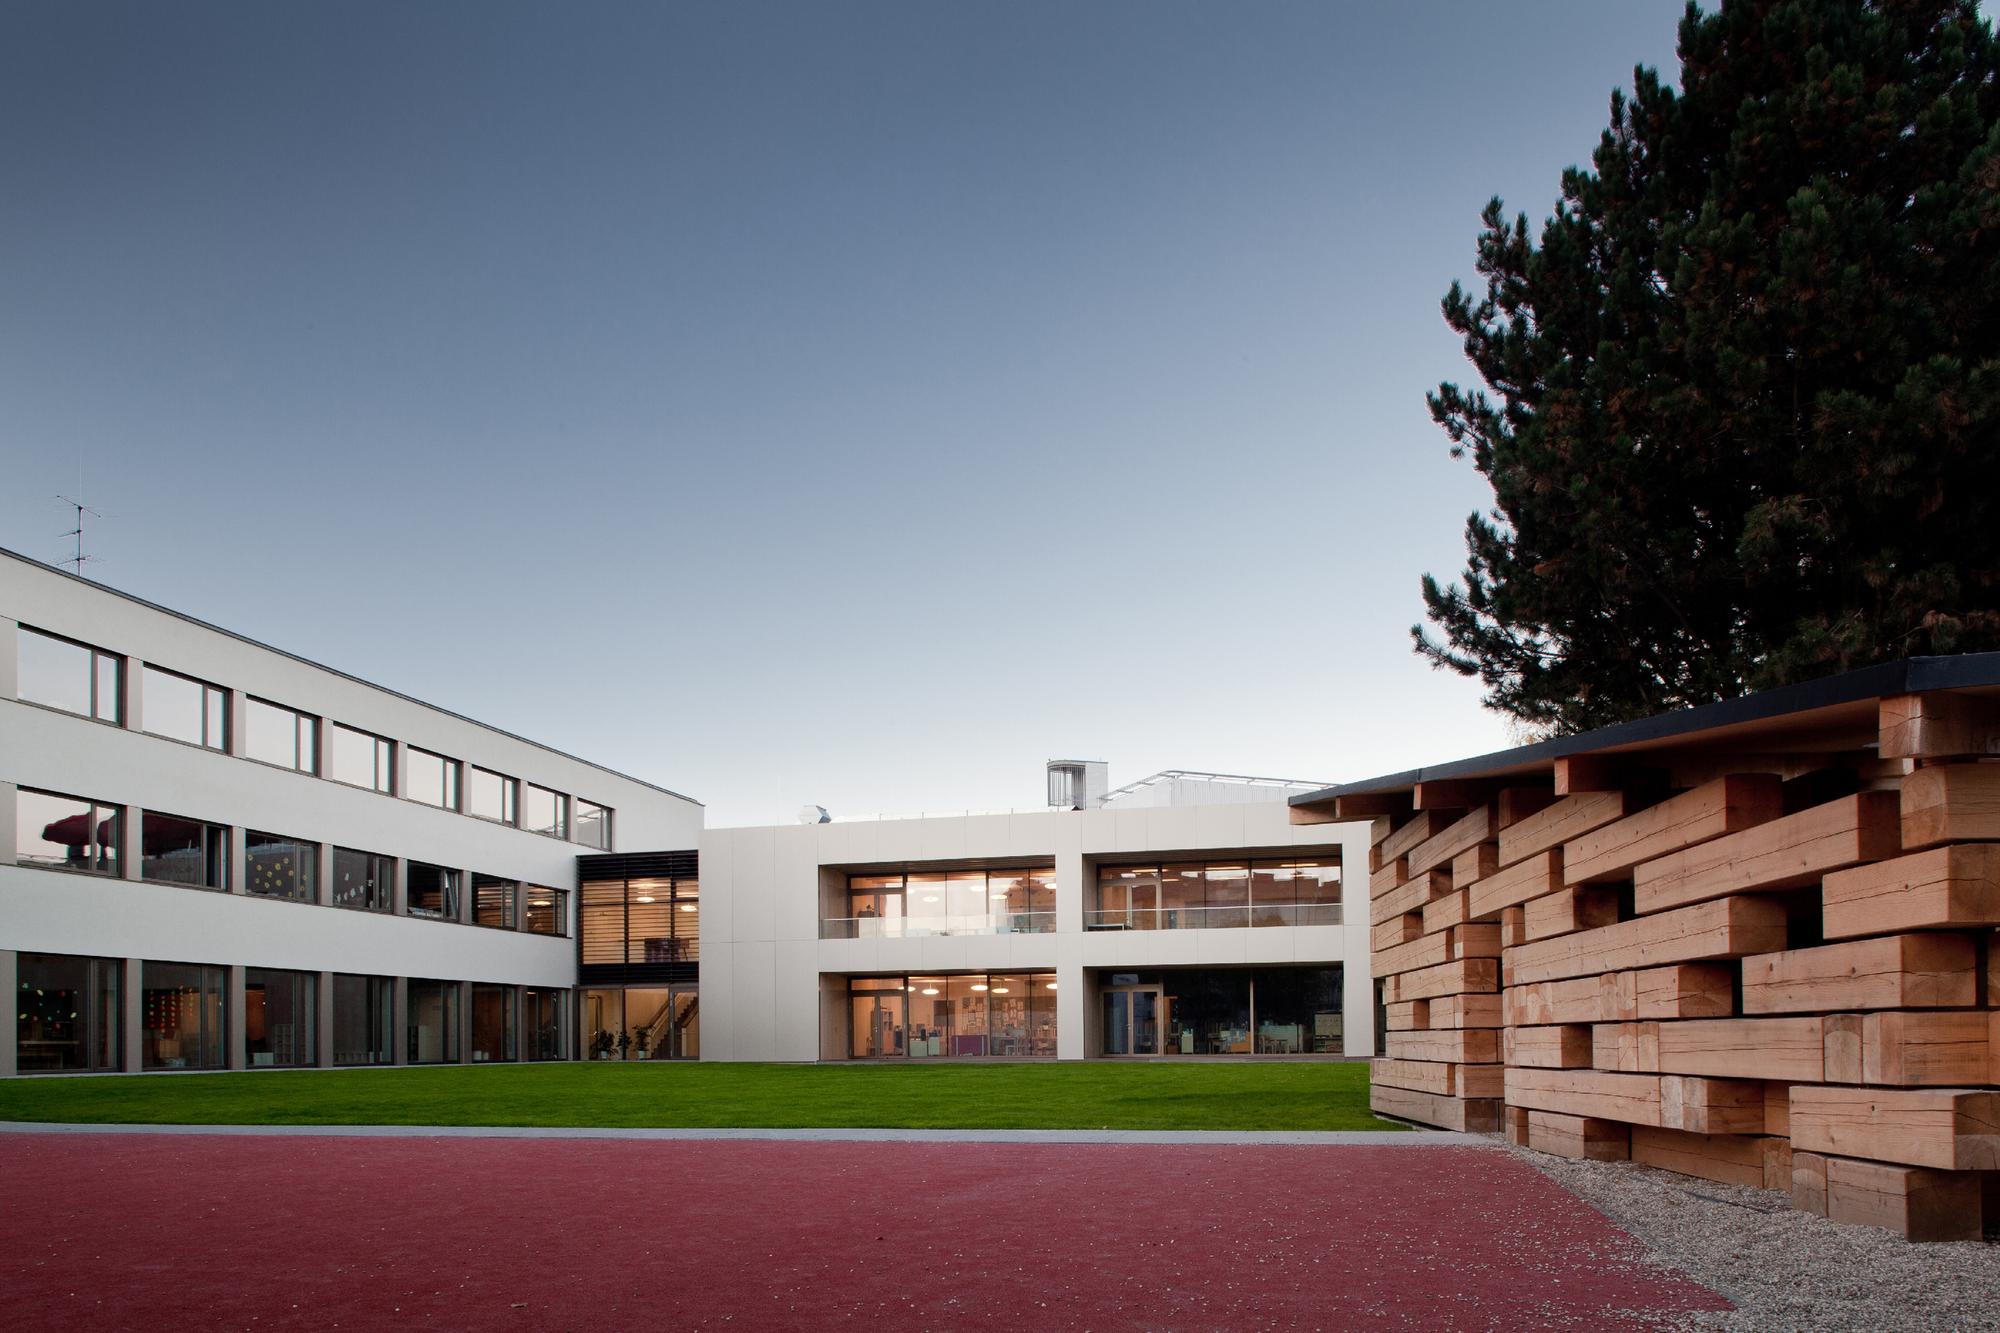 Robinson-School Linz / Schneider & Lengauer